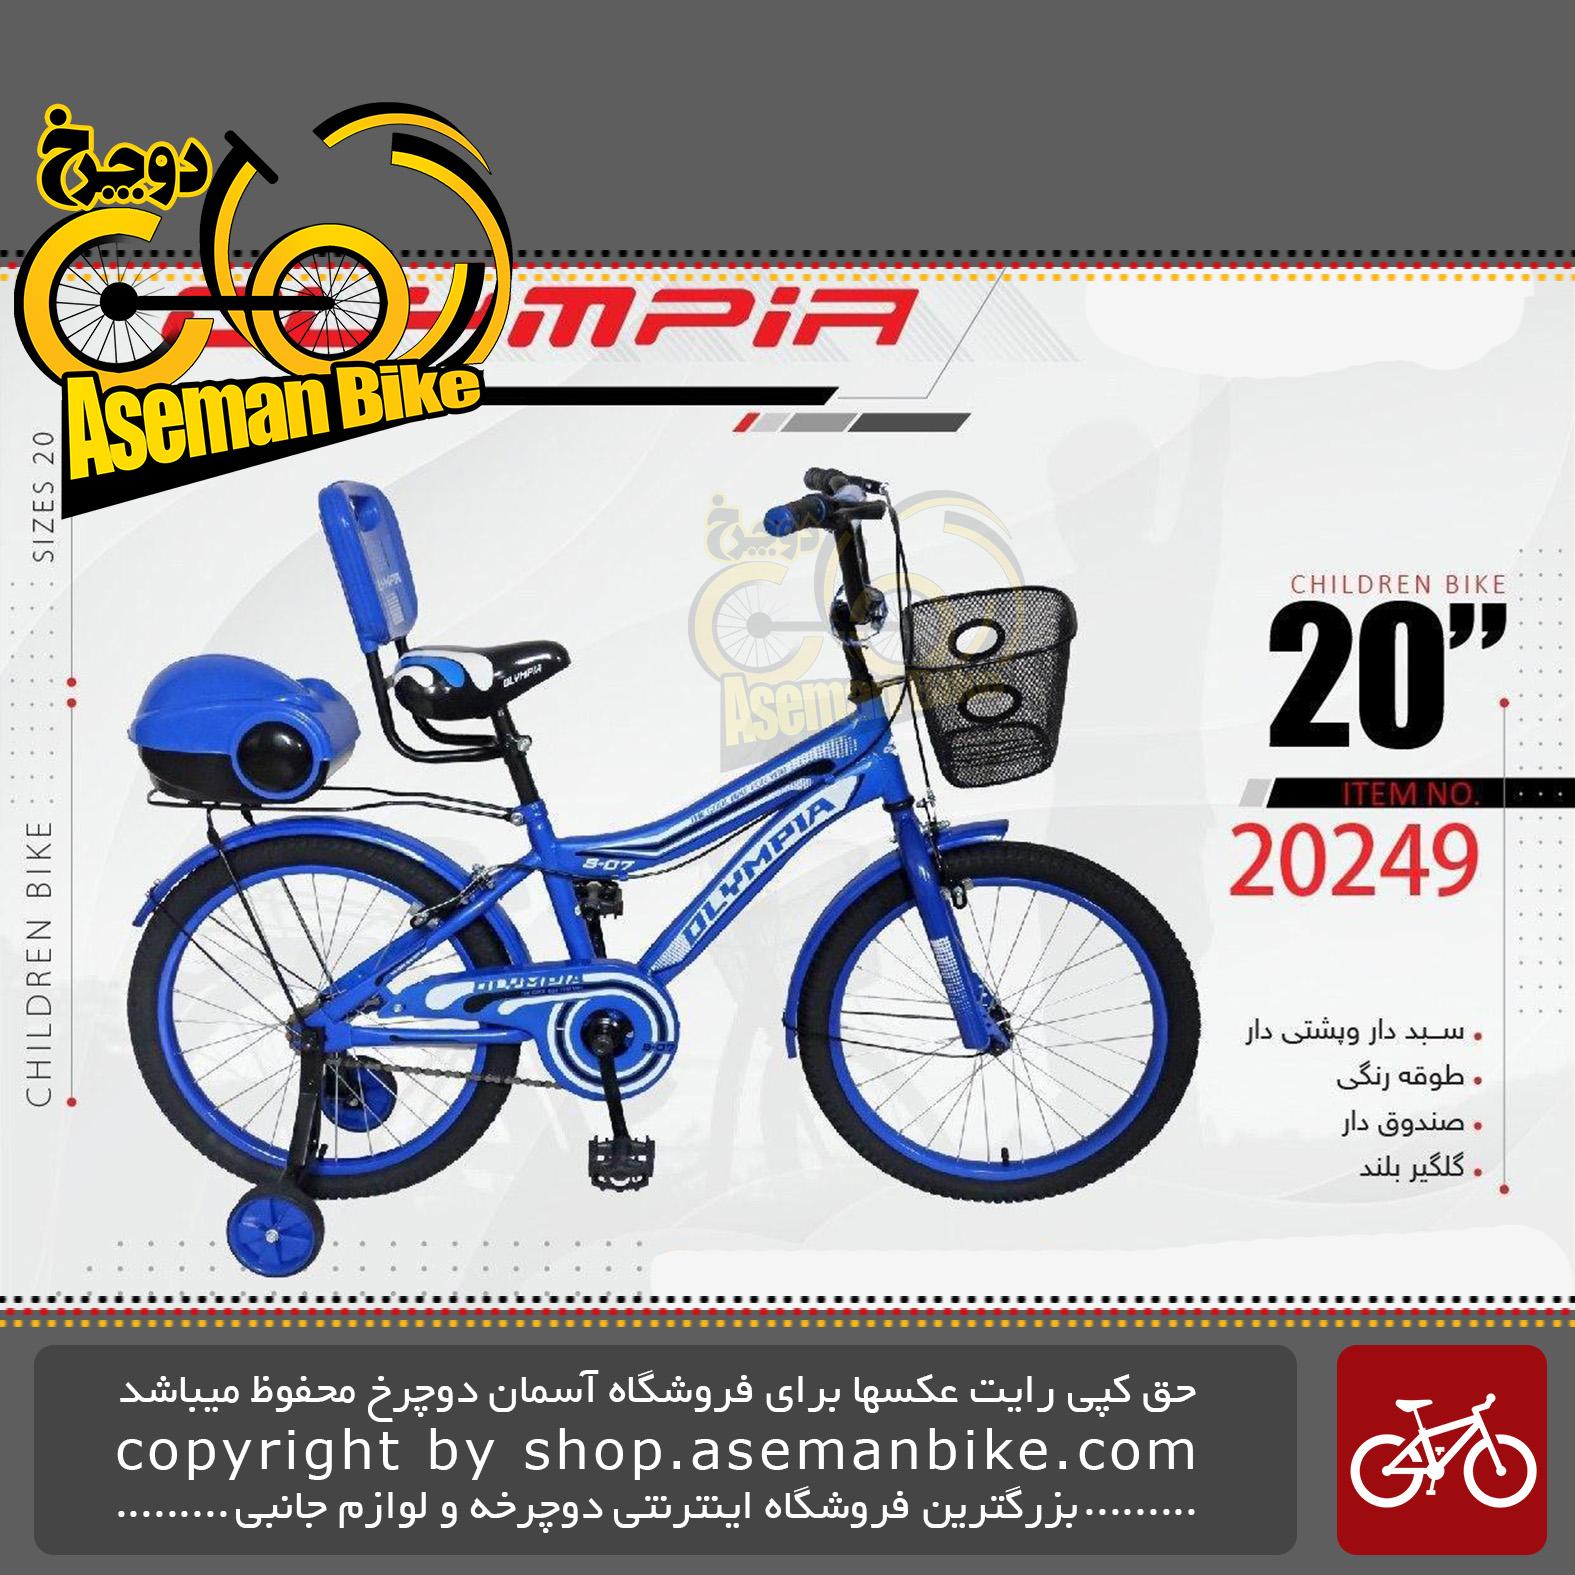 دوچرخه بچگانه المپیا سایز ۲۰ پشتی دار صندوق دار سبد دار مدل 20249 OLYMPIA Bicycle Children Bike Size 20 Model 20249